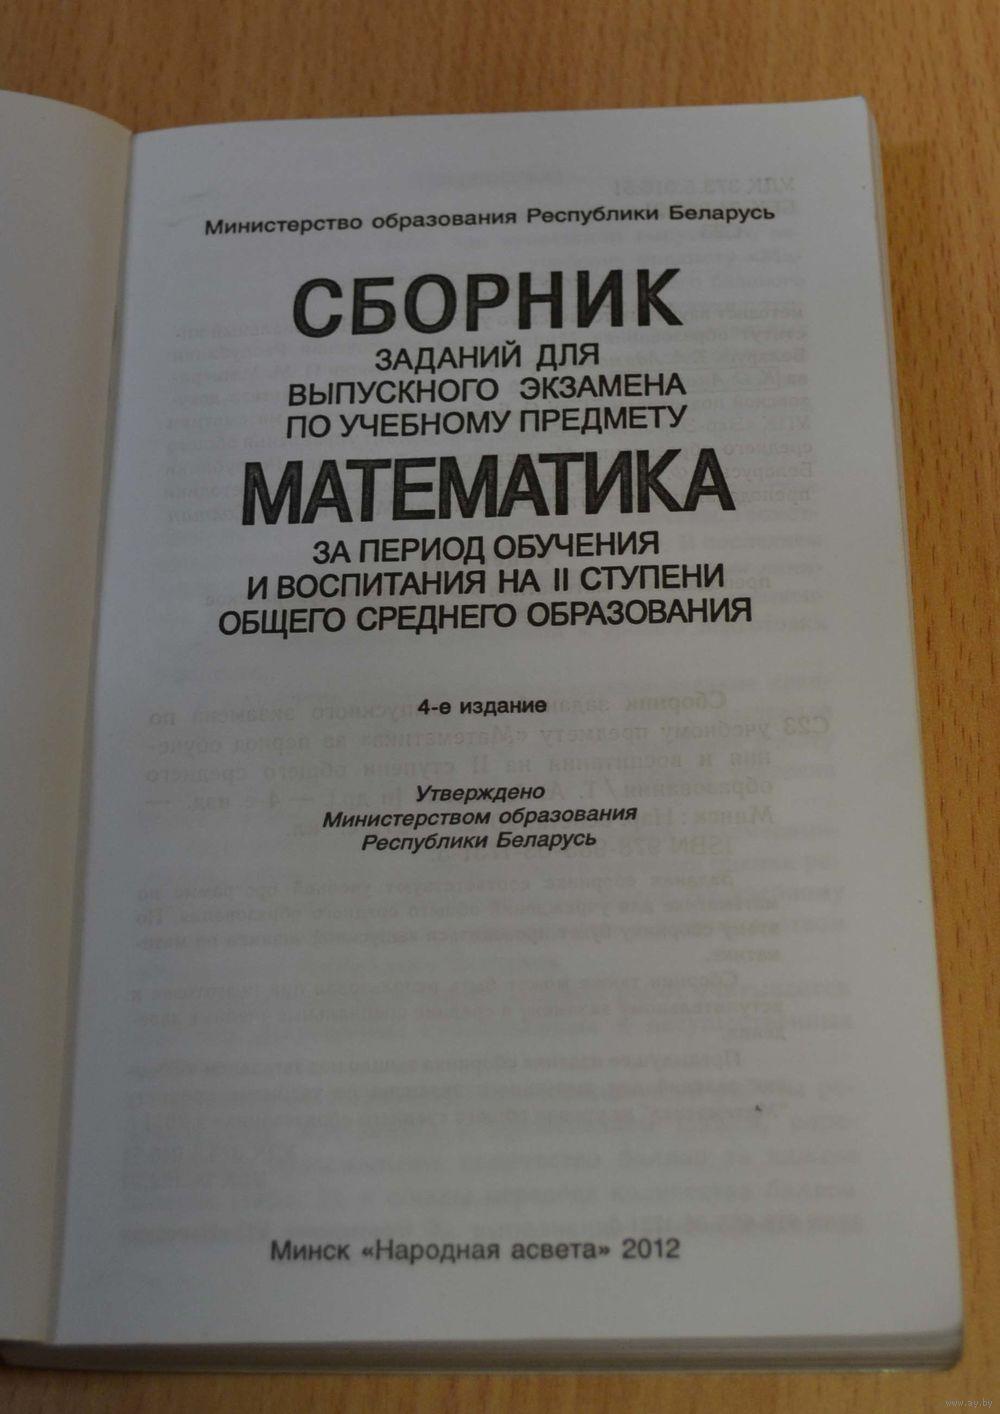 экзамена класс решебник по заданий математике 11 выпускного по для сборнику